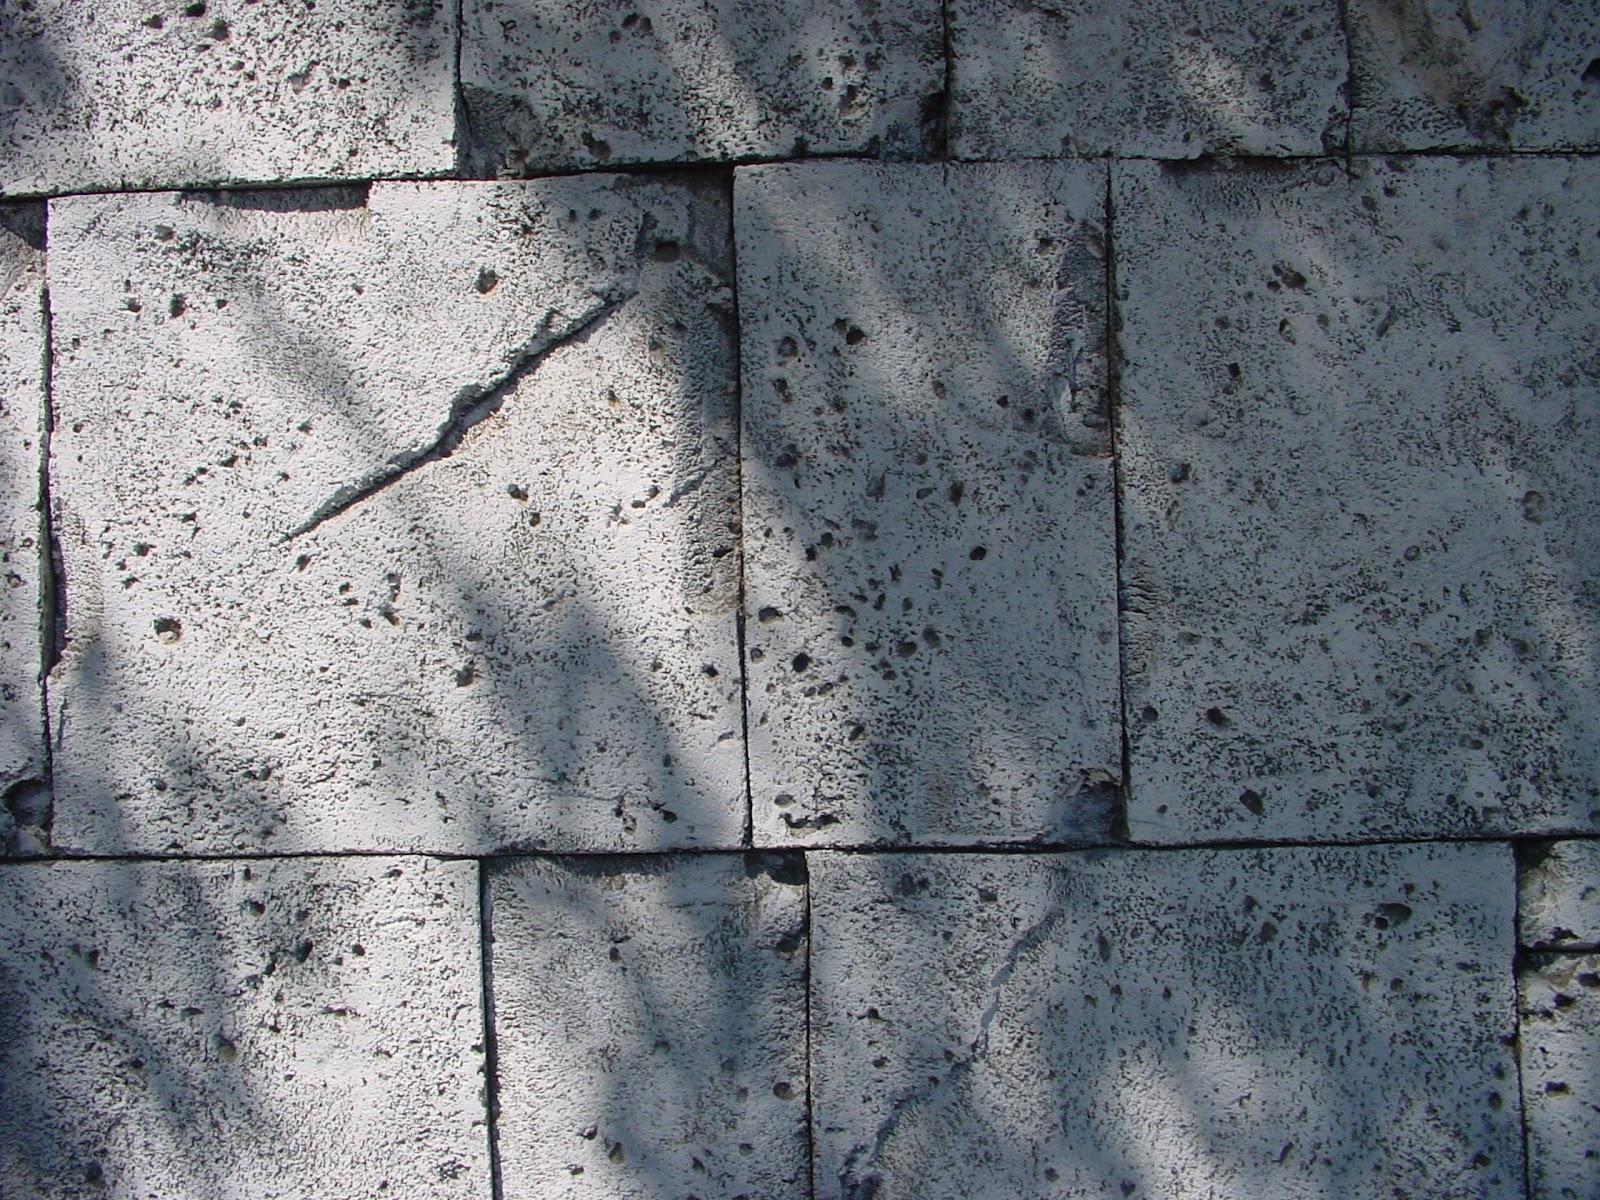 Jardineria eladio nonay jardiner a eladio nonay muros en - Como hacer muros de piedra ...